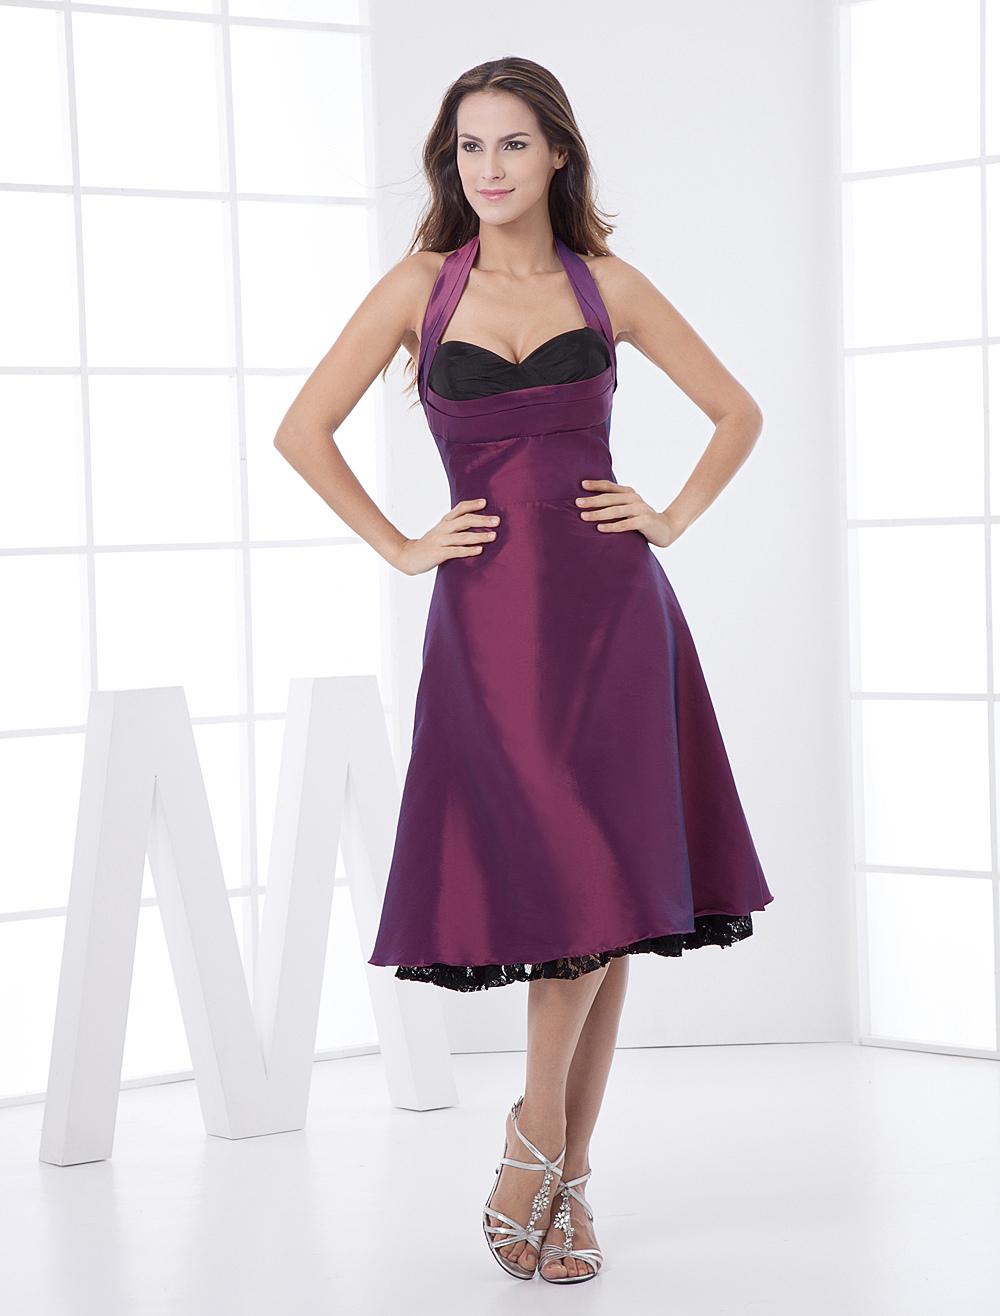 Falda de danza de tafetán de color moradocon escote de corazón de ...